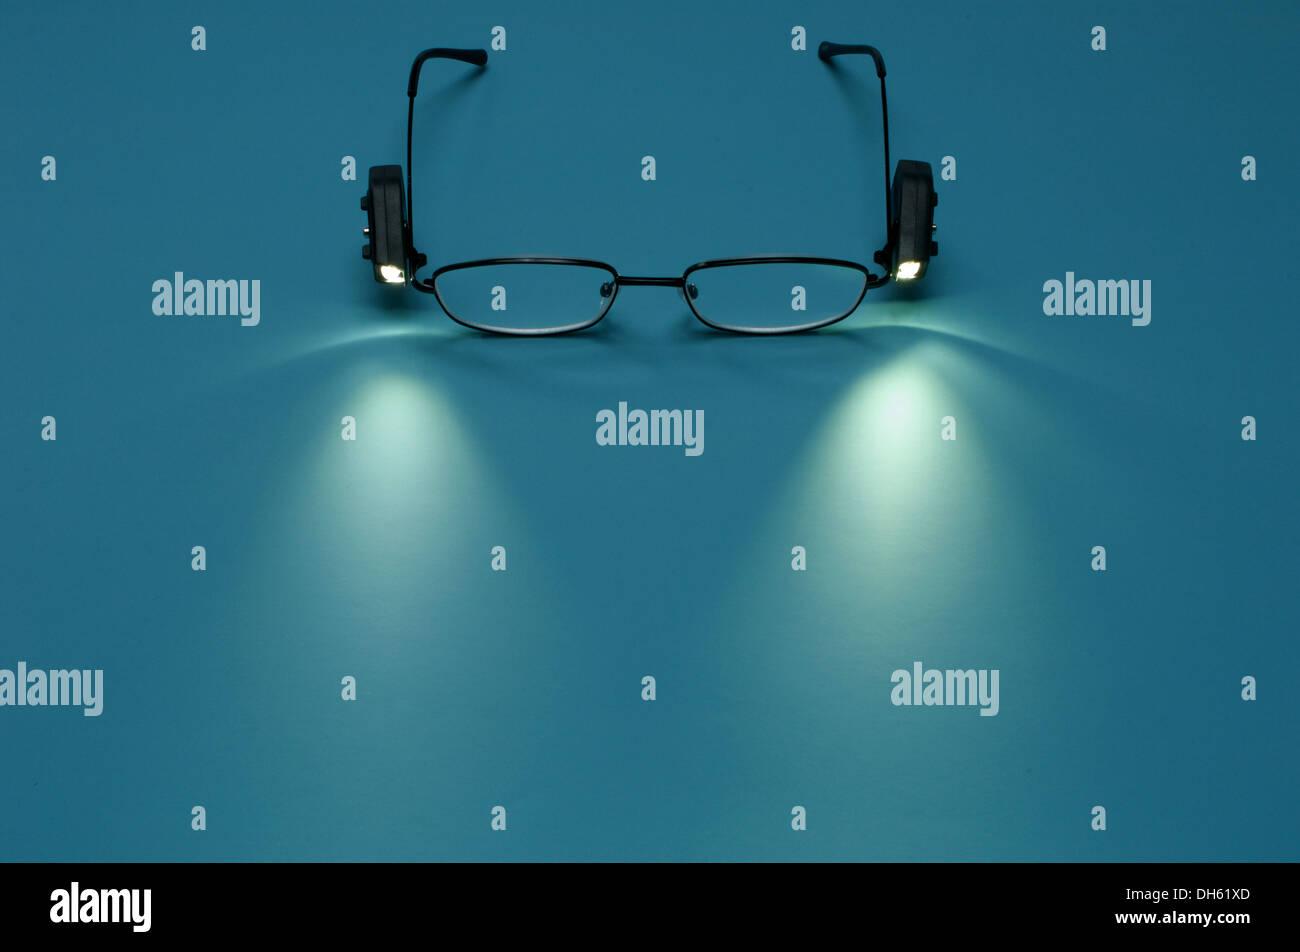 Un paio di occhiali da lettura con piccole luci allegata Immagini Stock